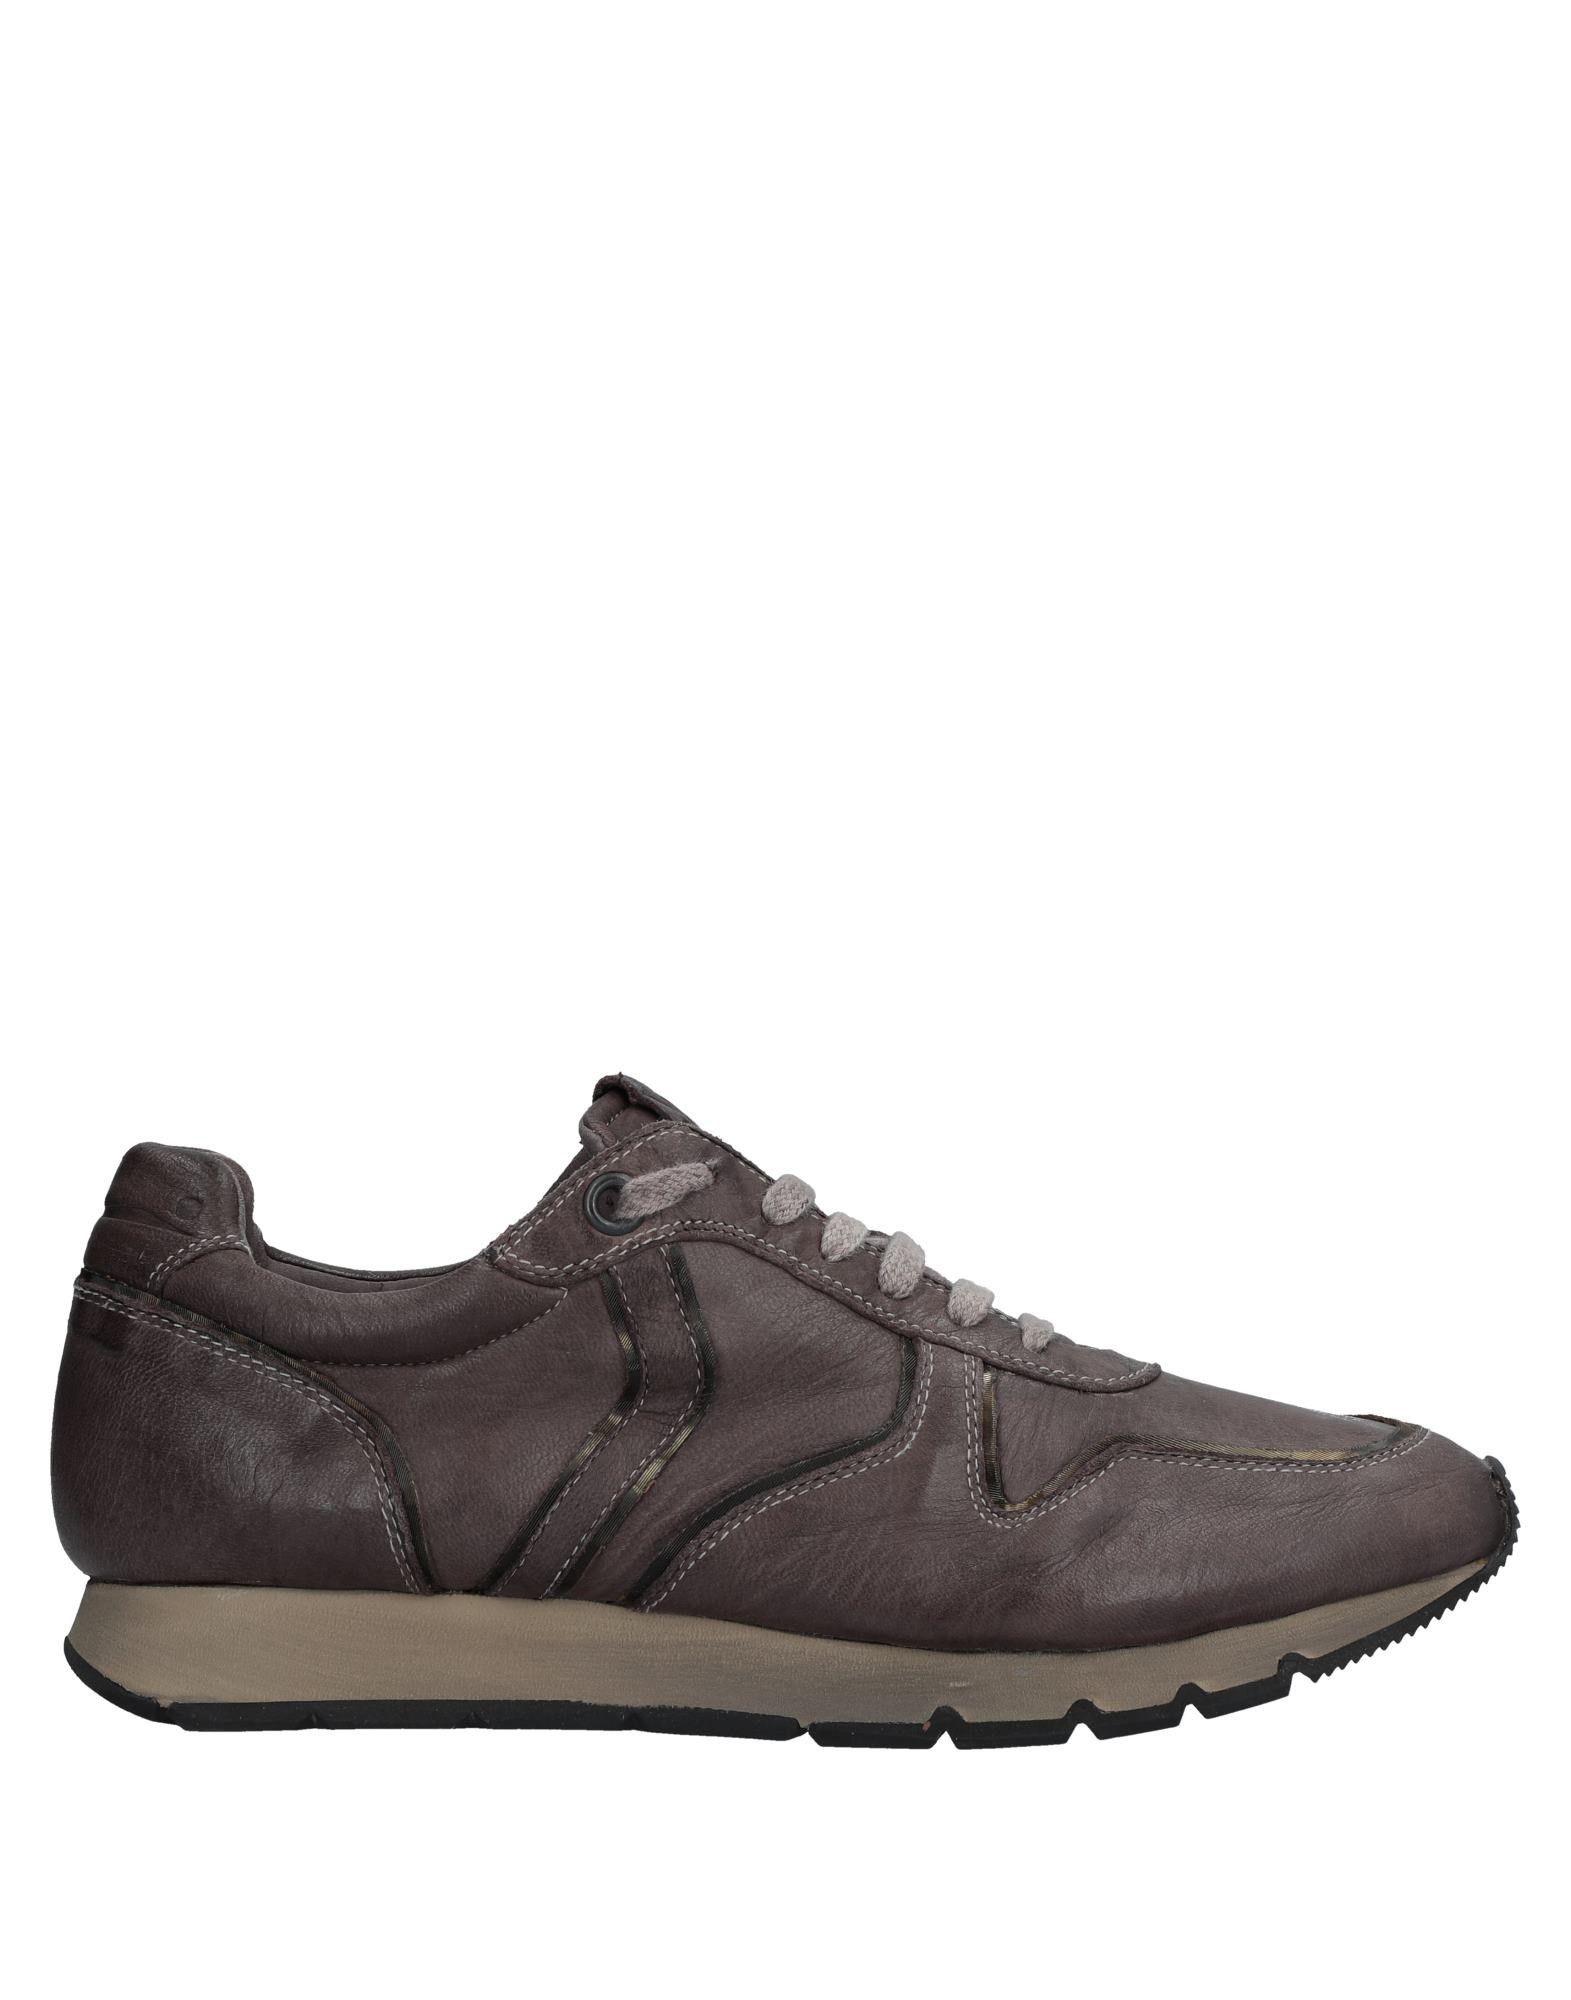 Voile Blanche Sneakers Qualität Herren  11527671RM Gute Qualität Sneakers beliebte Schuhe ec8f8c